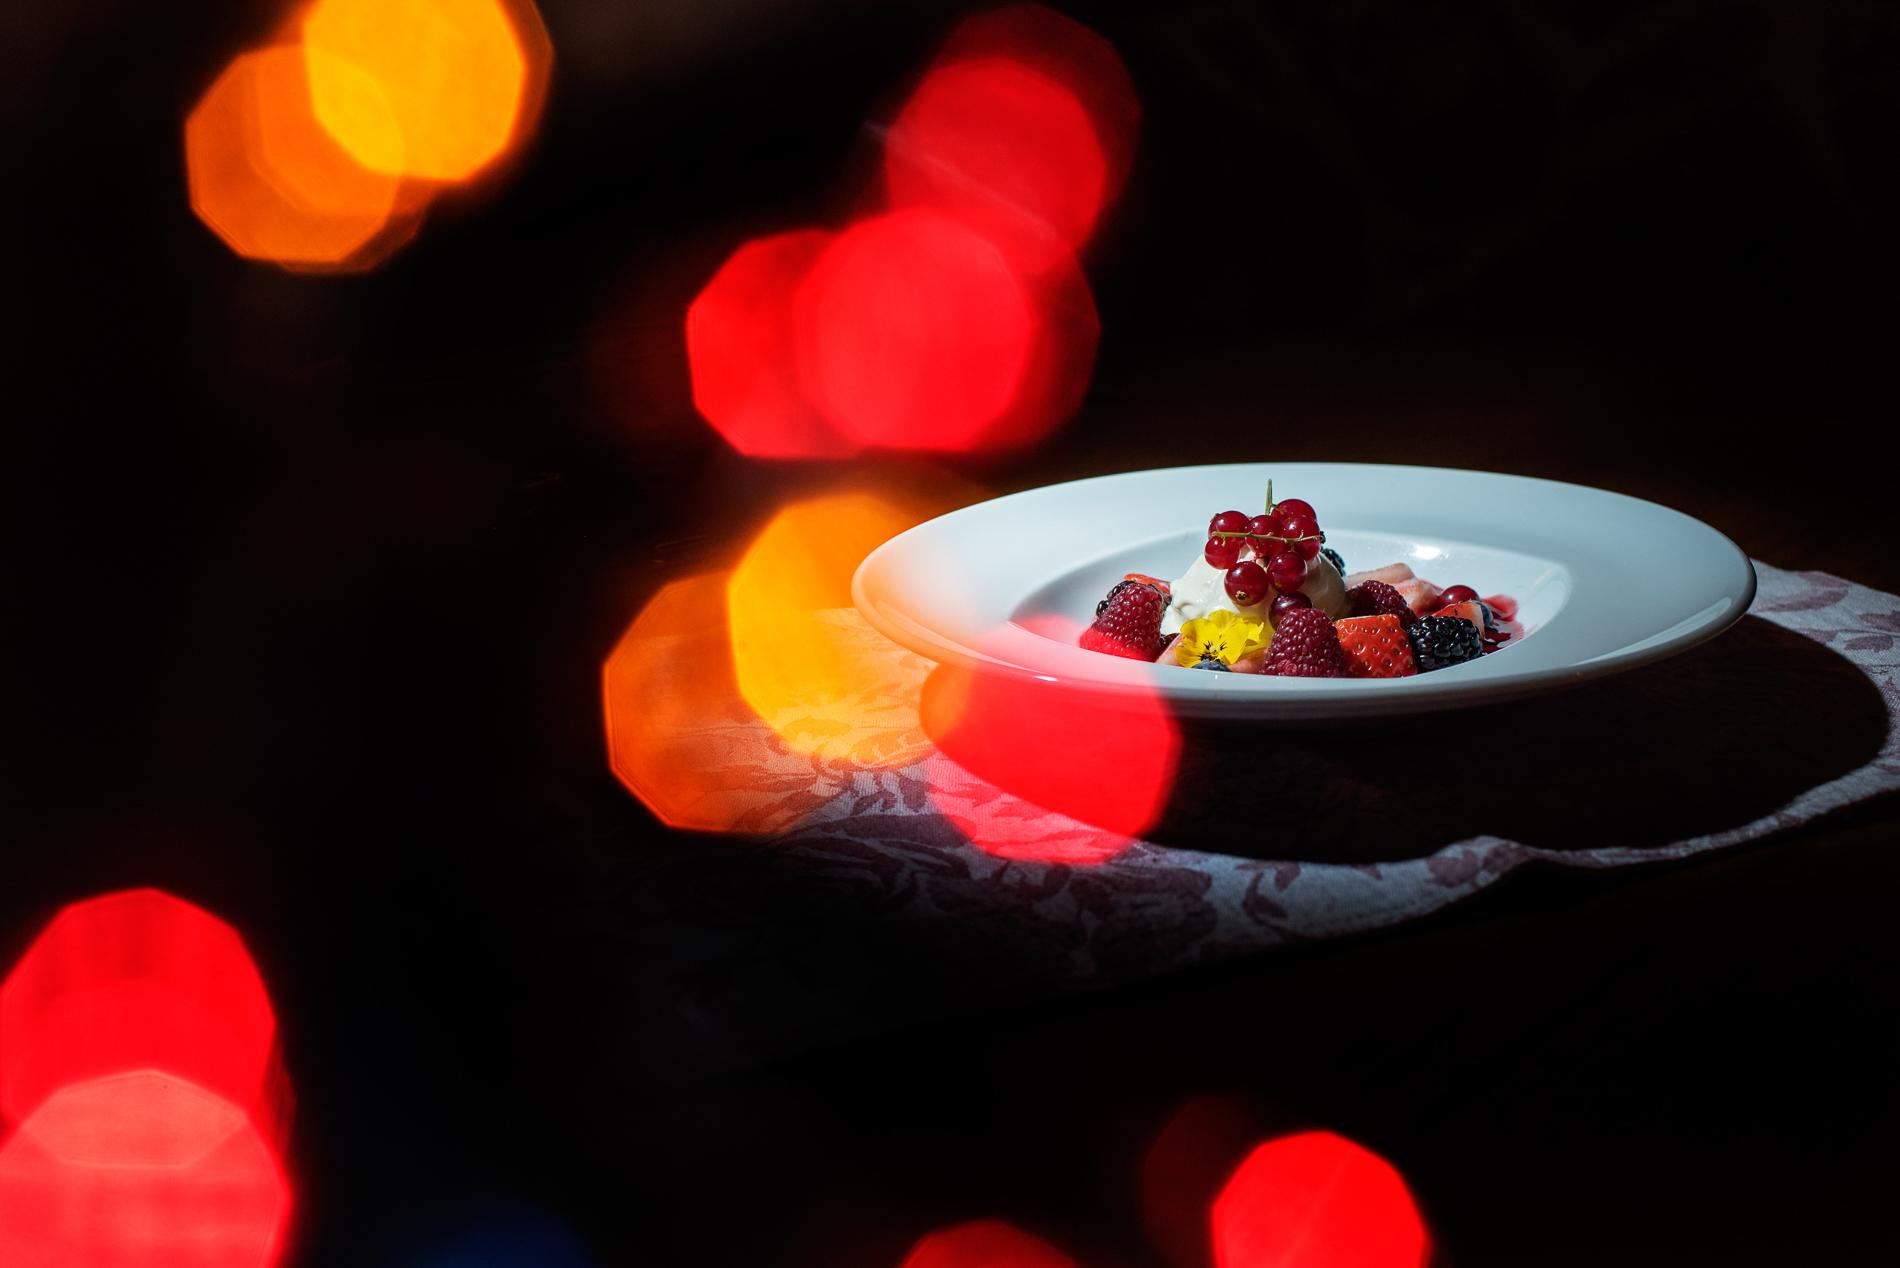 gastronomia_41